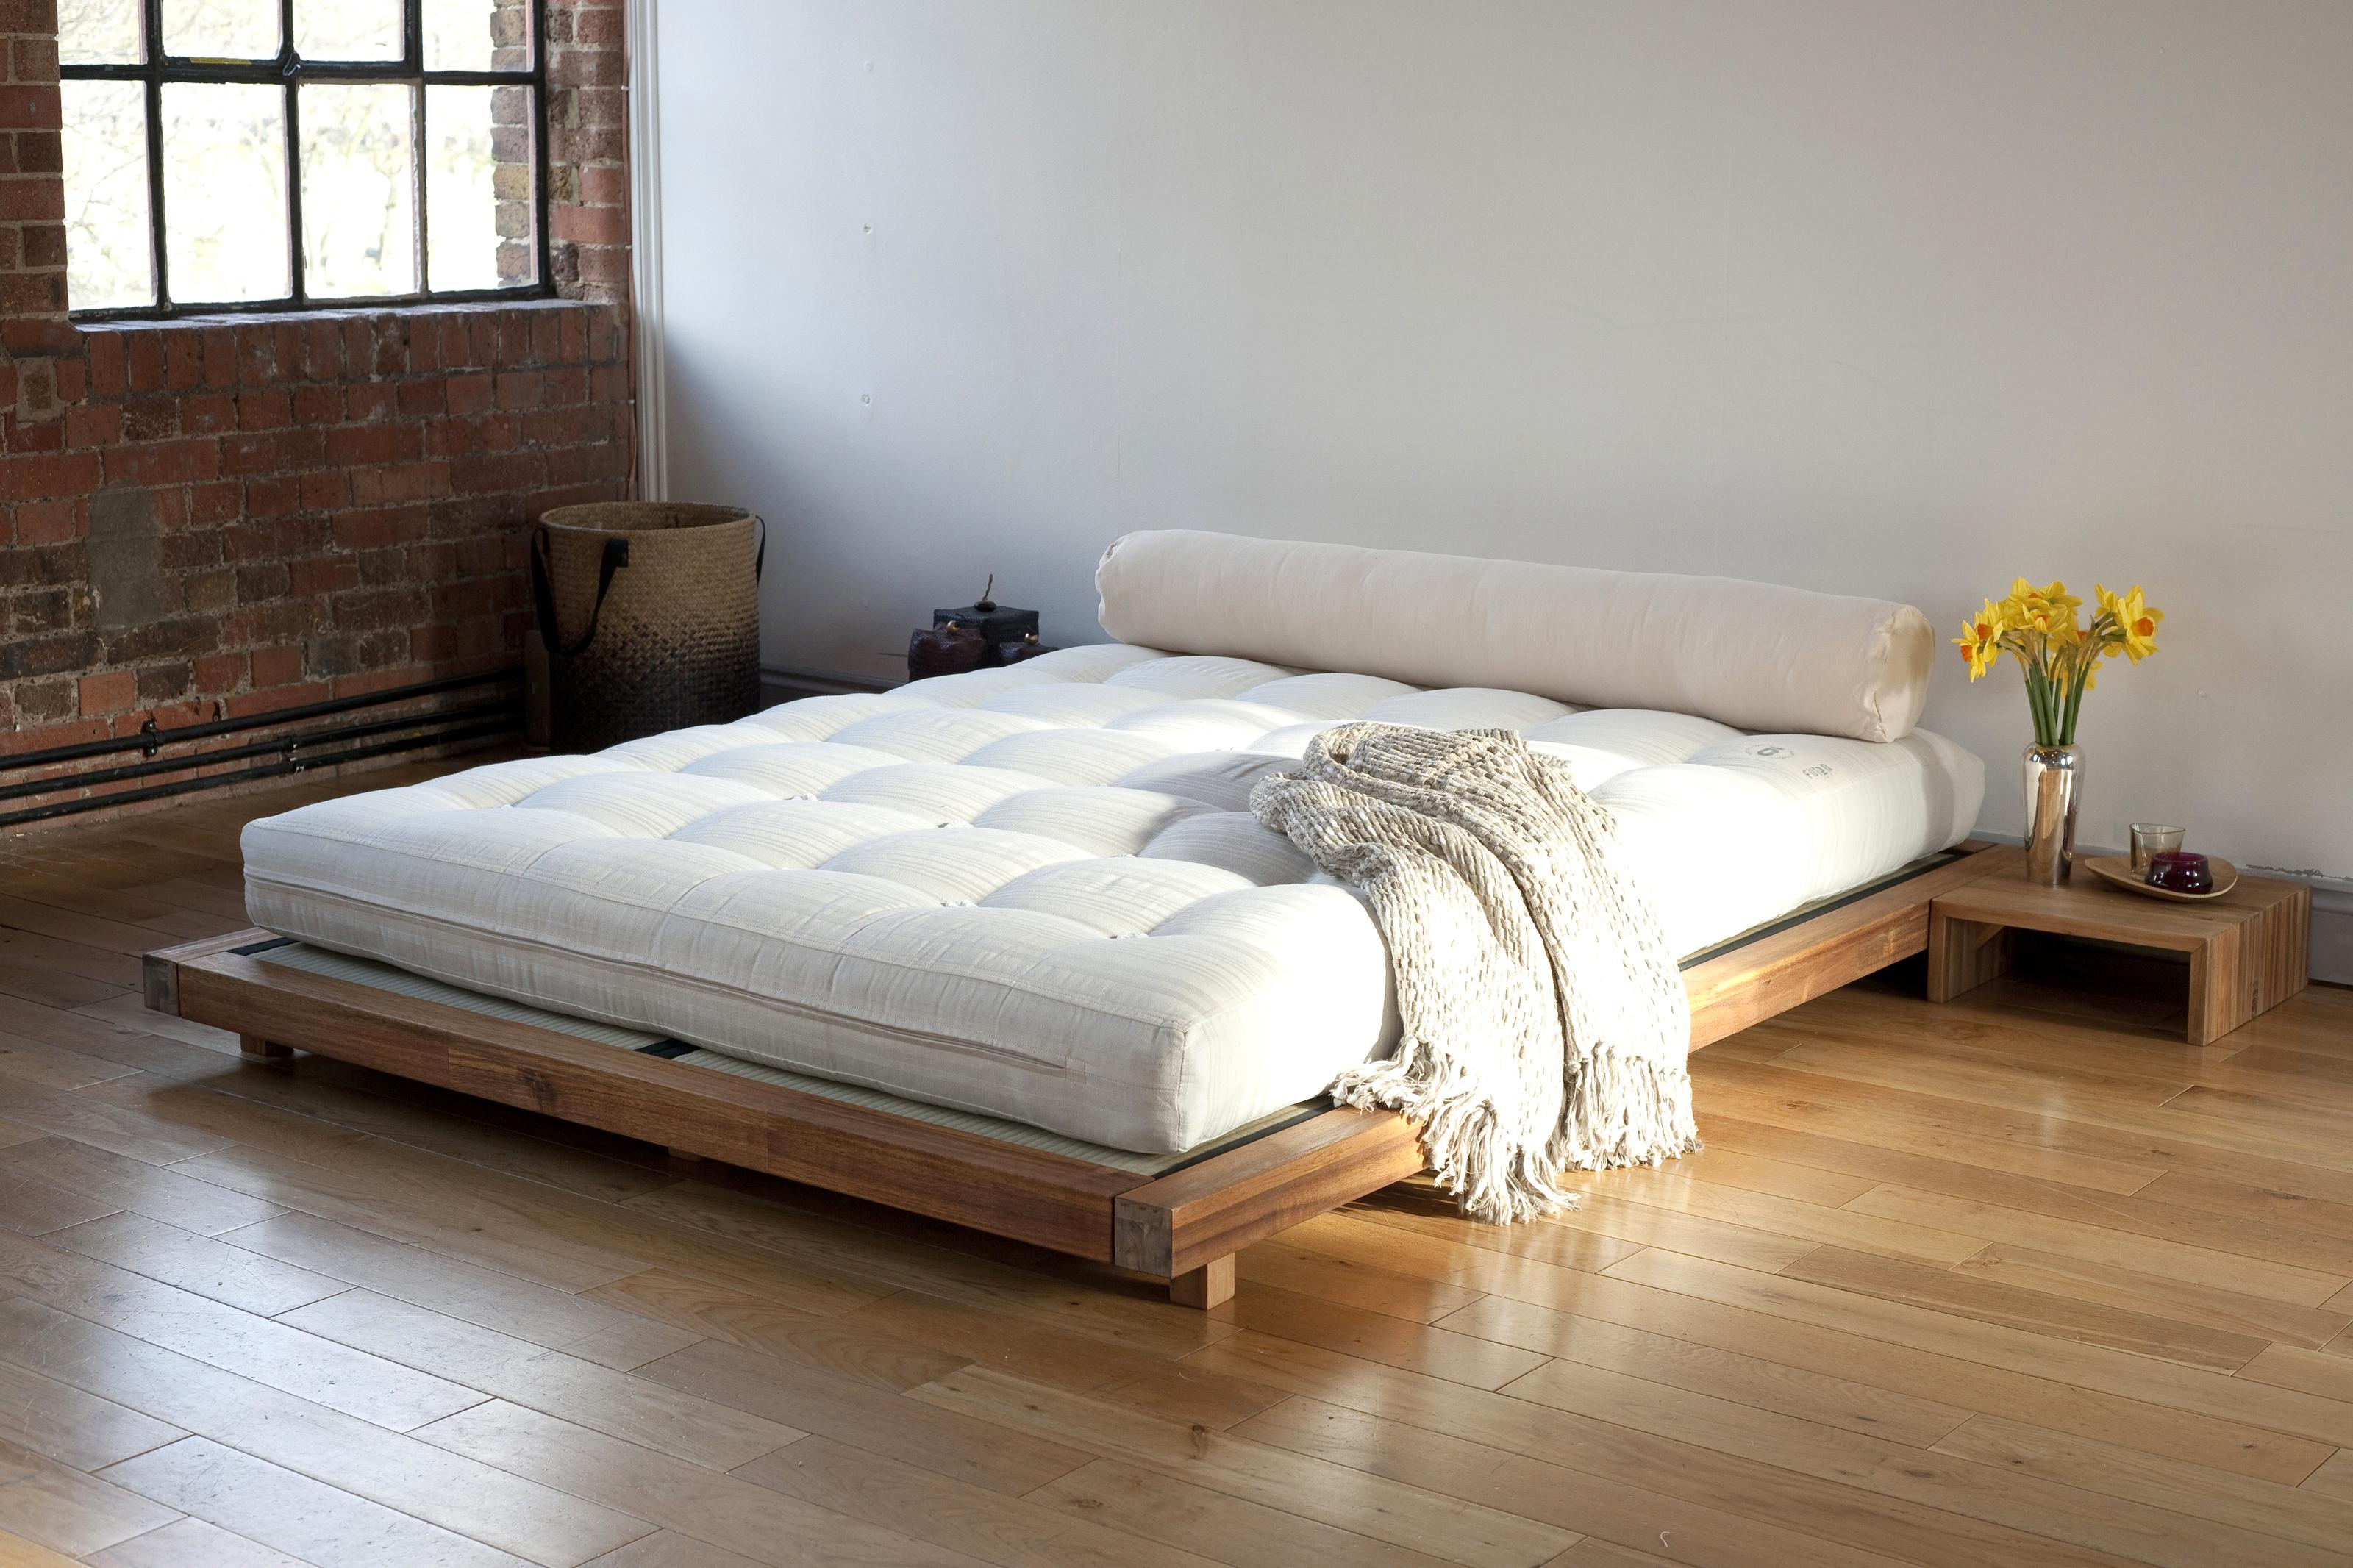 Japanese futon bed frame - Futon Company Uk Roselawnlutheran